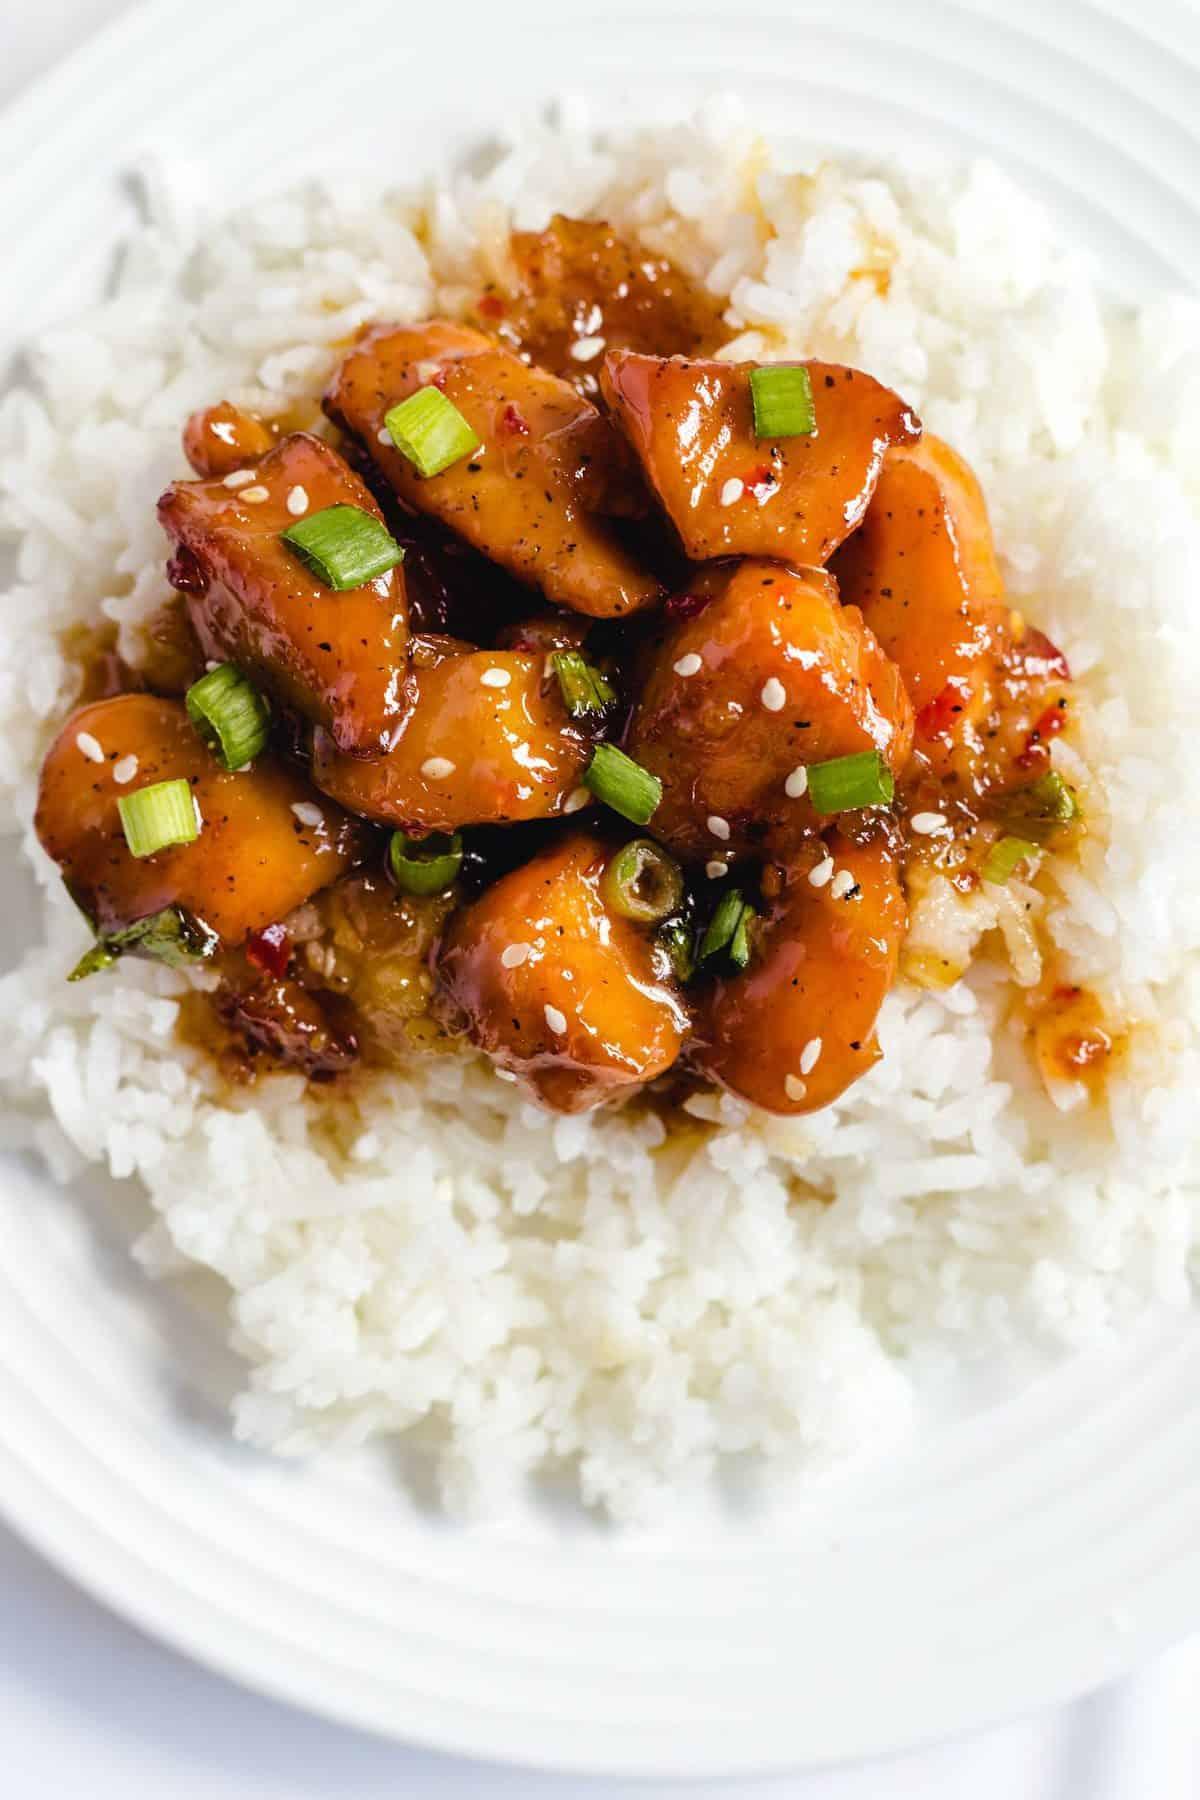 honey garlic chicken served with rice